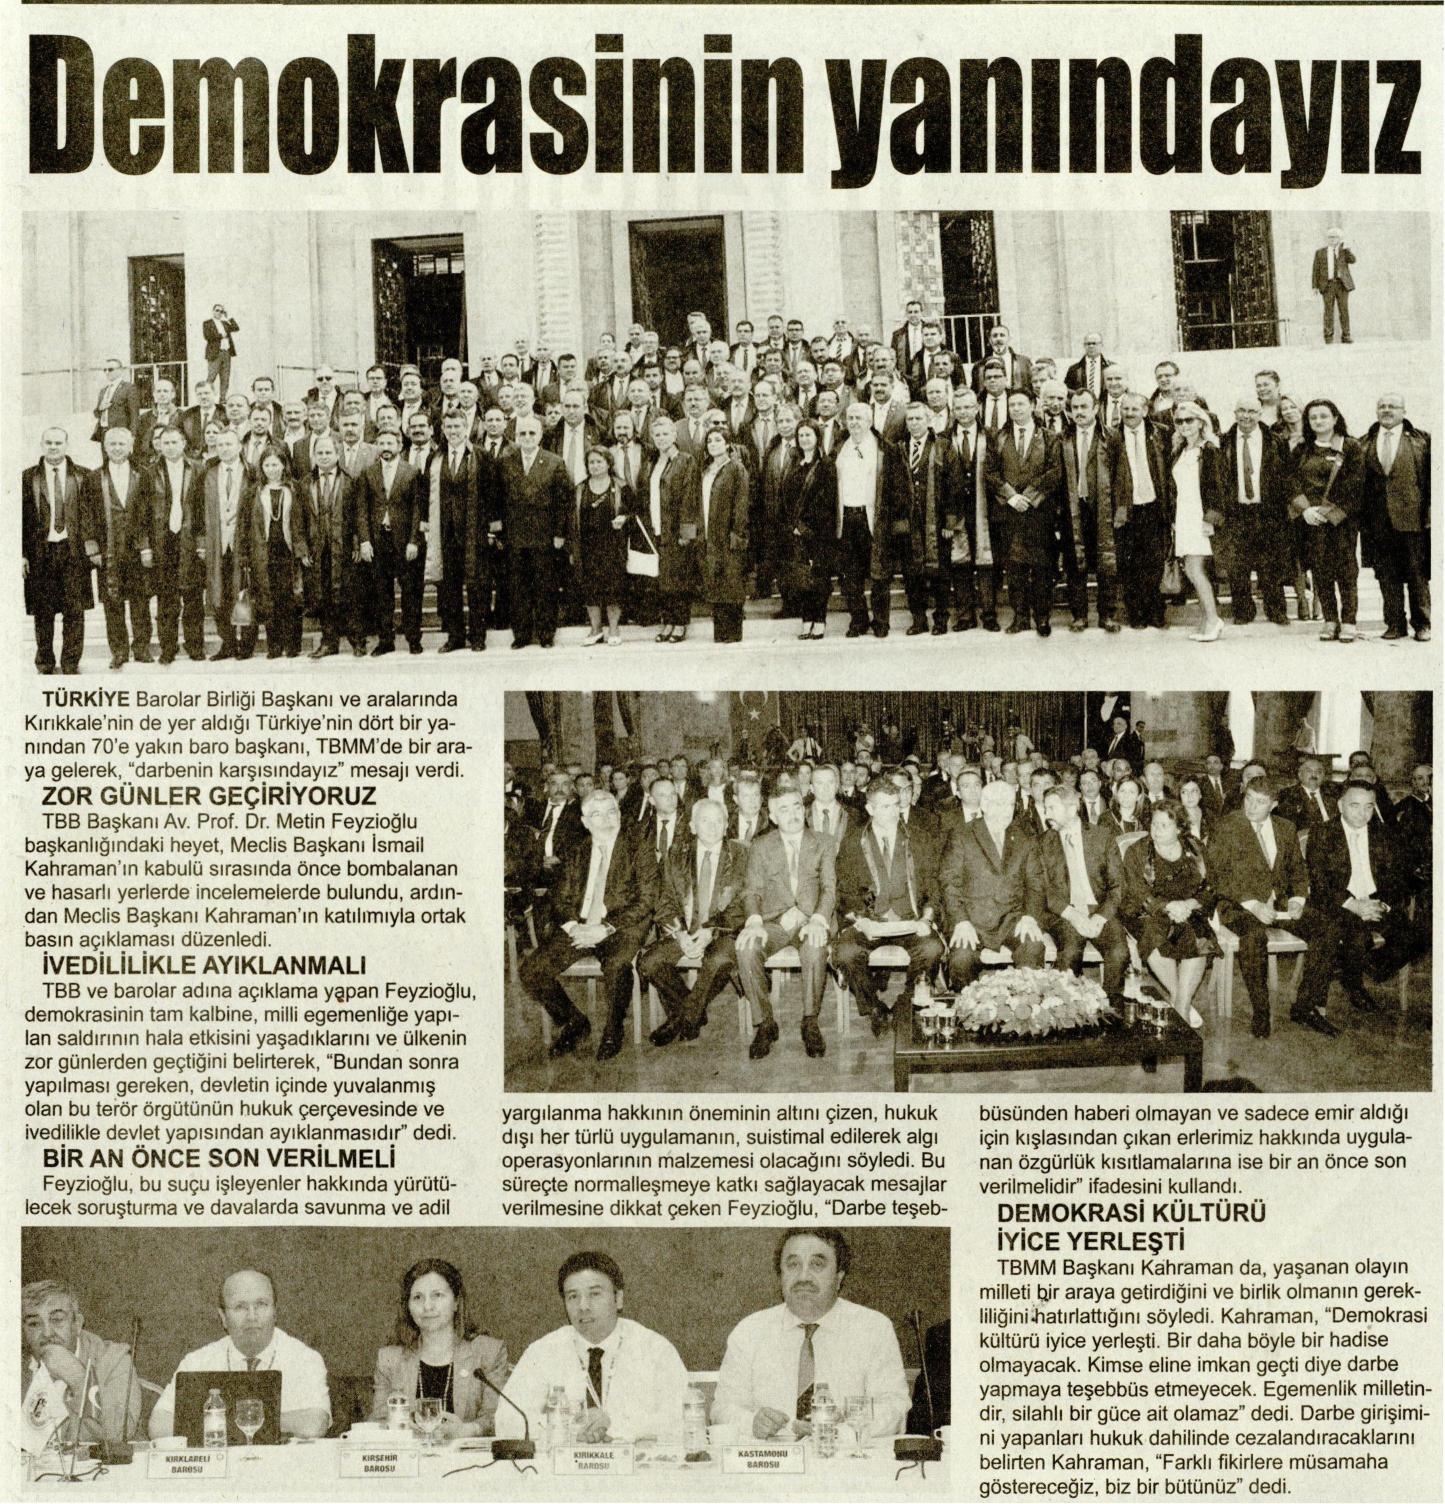 K�r�kkale �l Gazetesi, Demokrasinin yan�nday�z